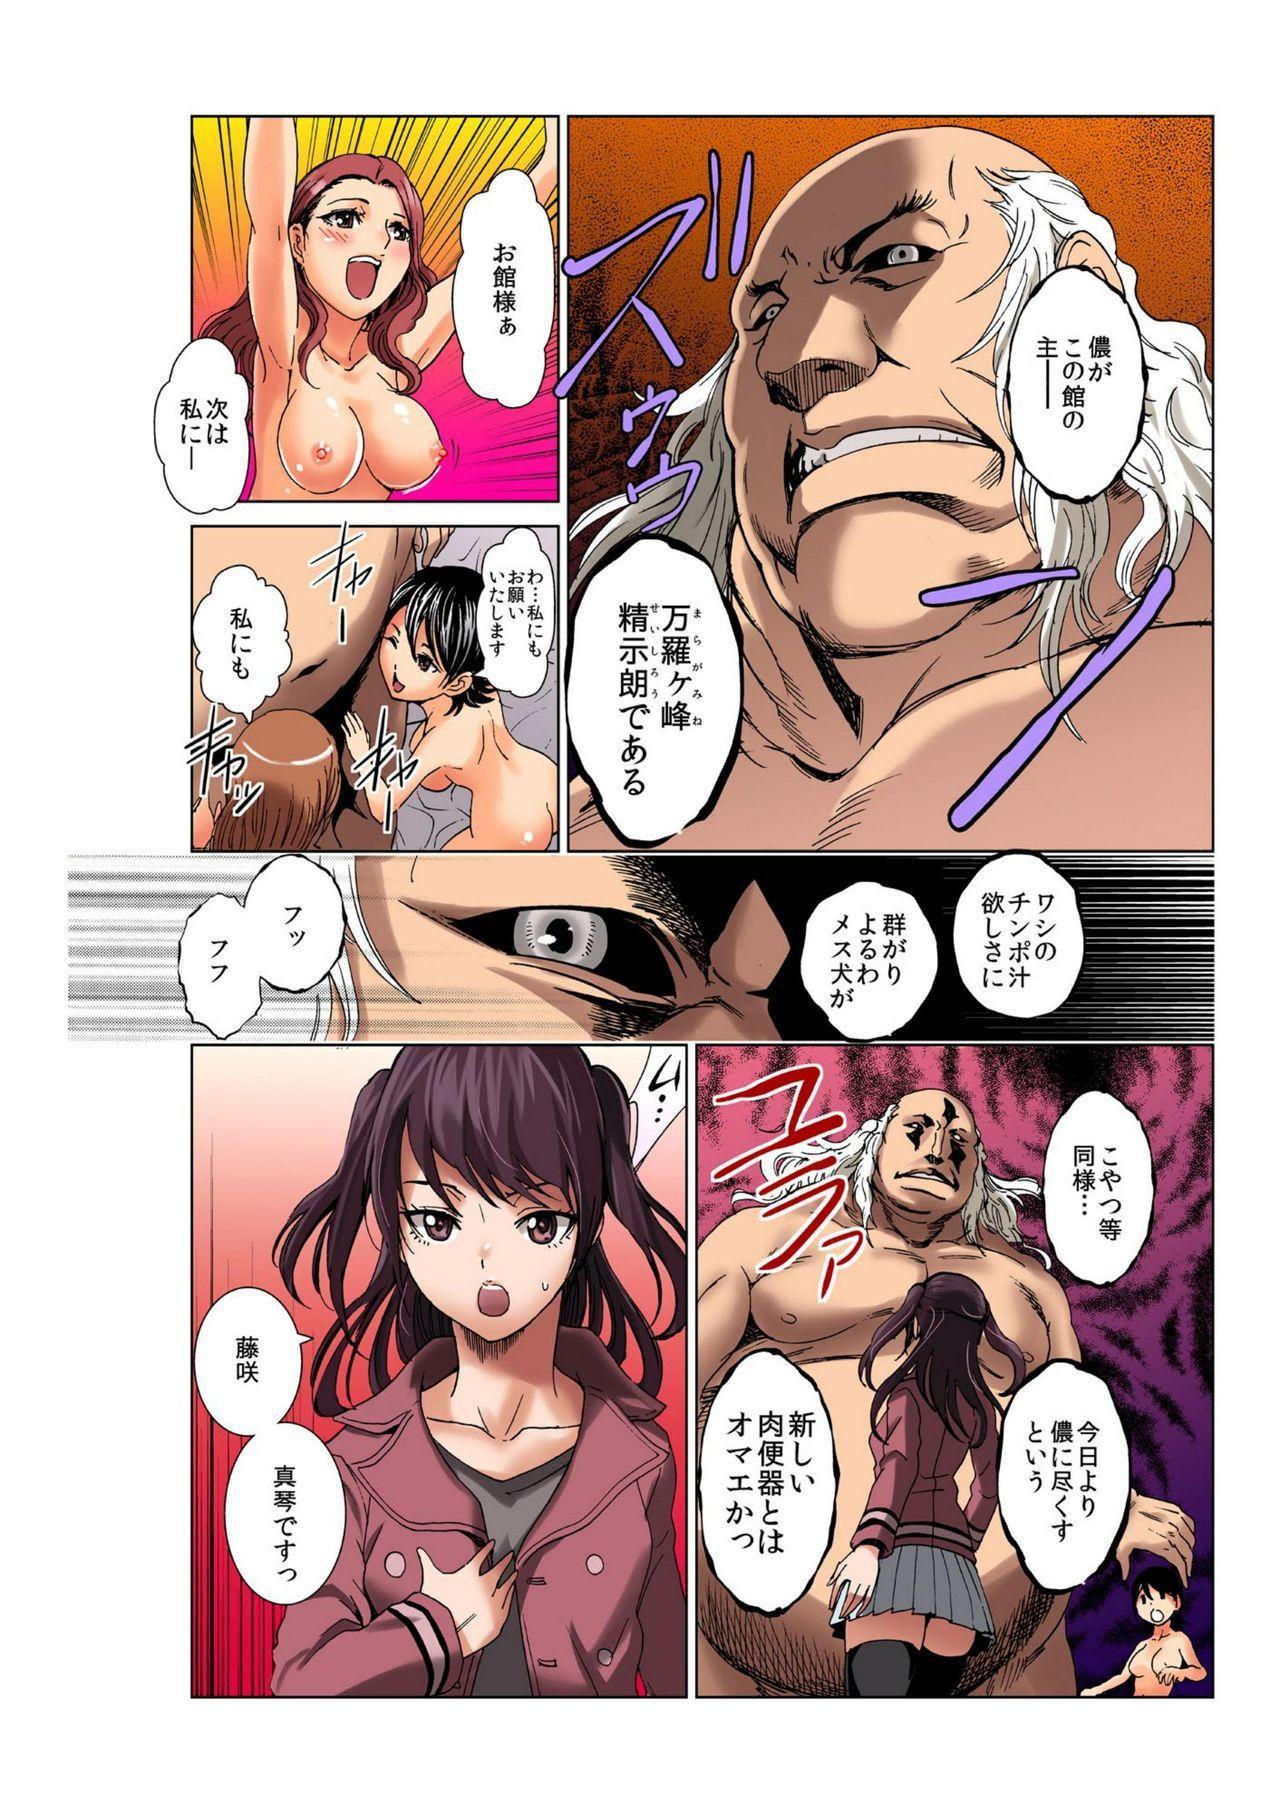 [Rurukichi] Seishi ga Kane ni Naru Jidai ~Mesubuta ga Muragaru Ore-sama no Kokan~ 1 44